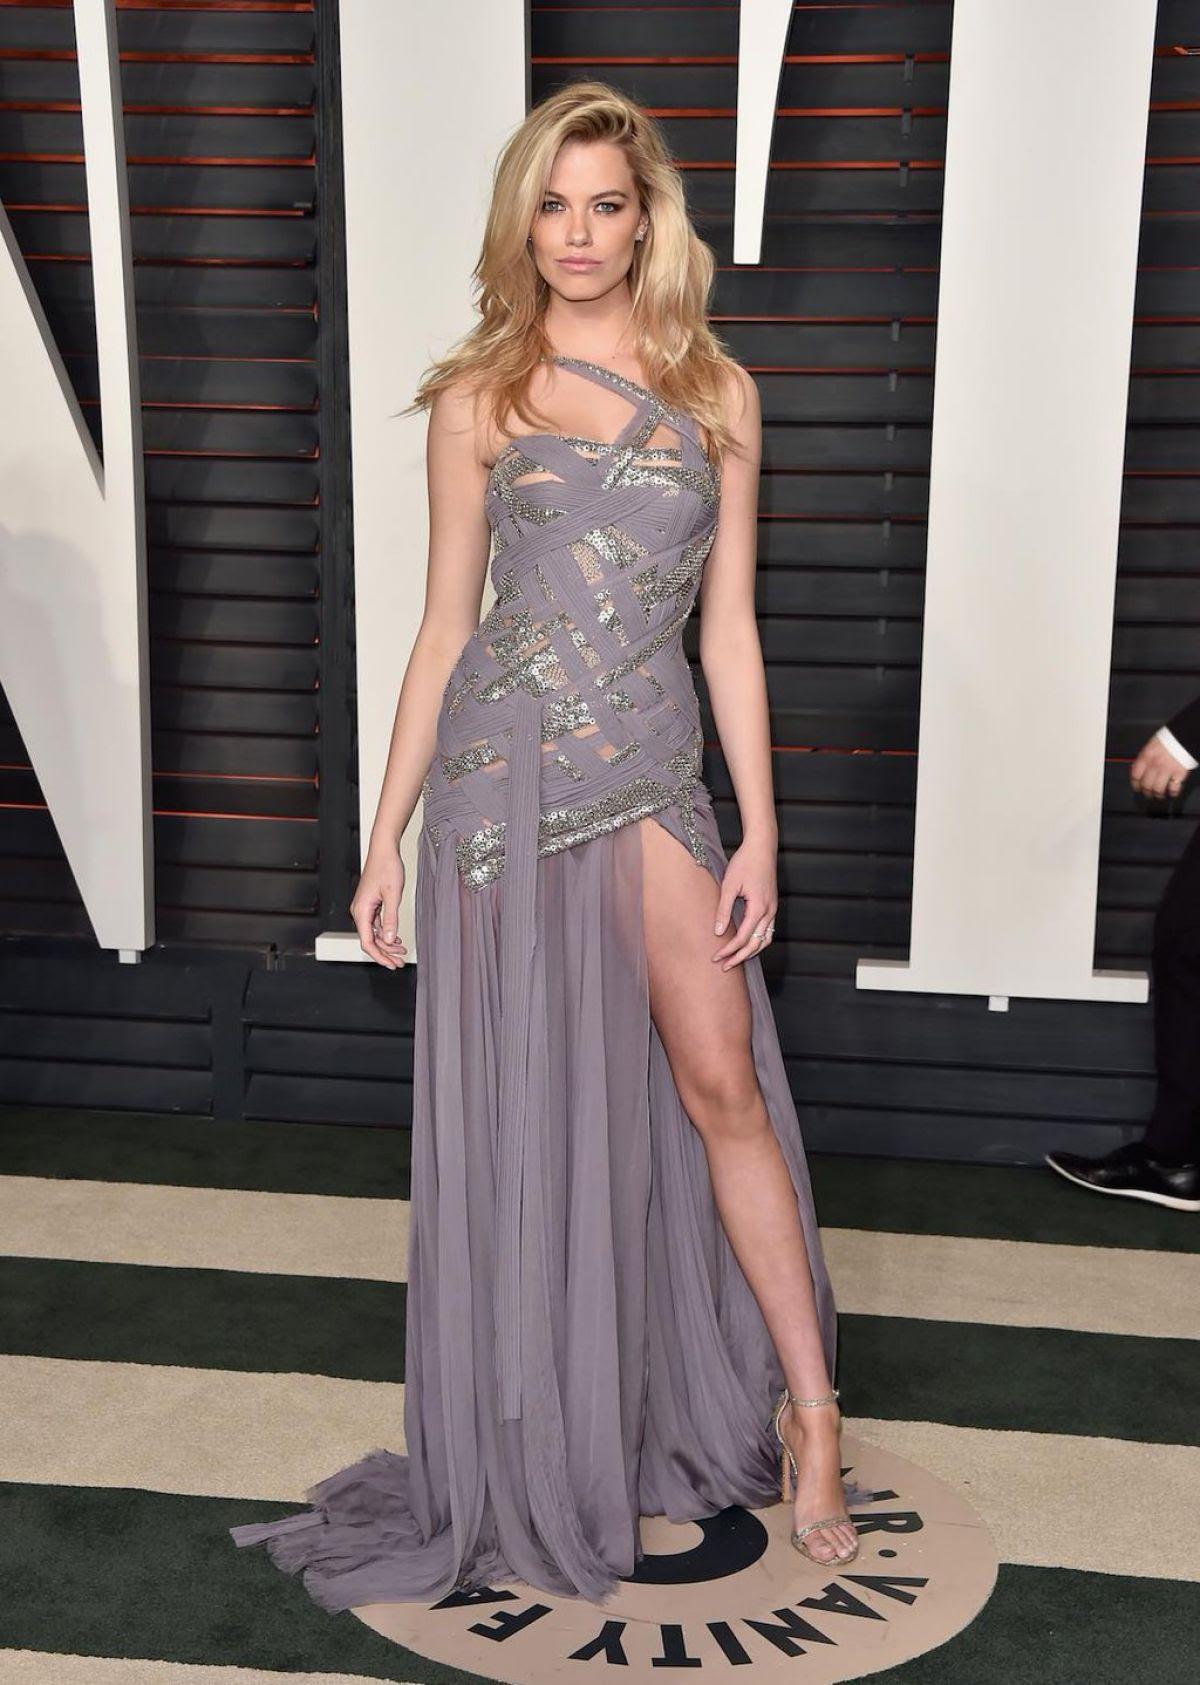 HAILEY CLAUSON at Vanity Fair Oscar 2016 Party in Beverly Hills 02/28/2016